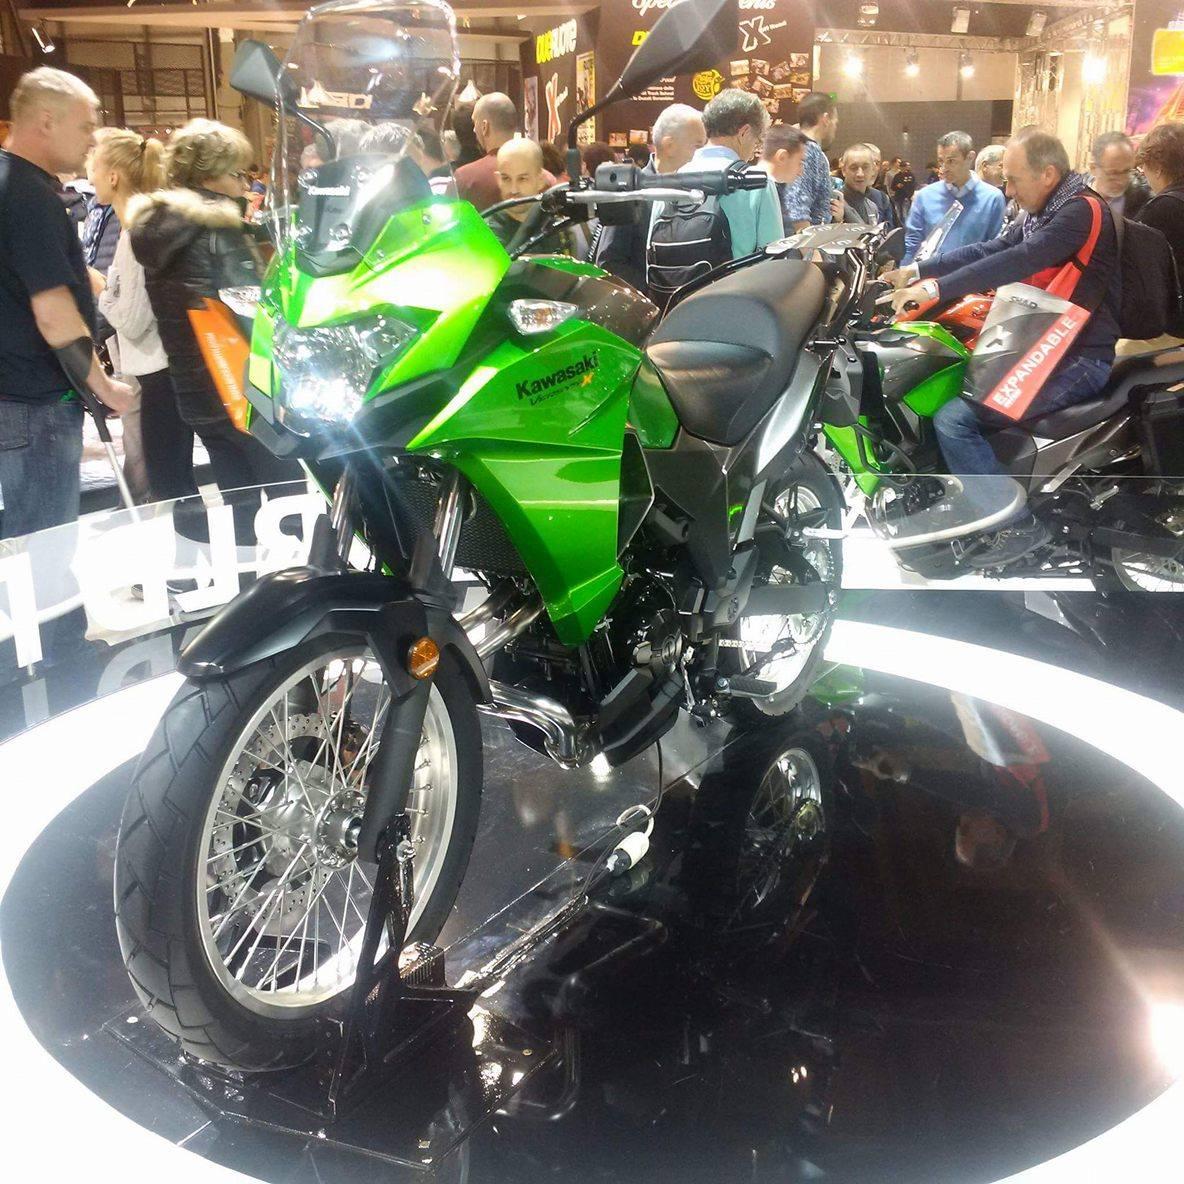 kawasaki_versys300x_motocyklicznie